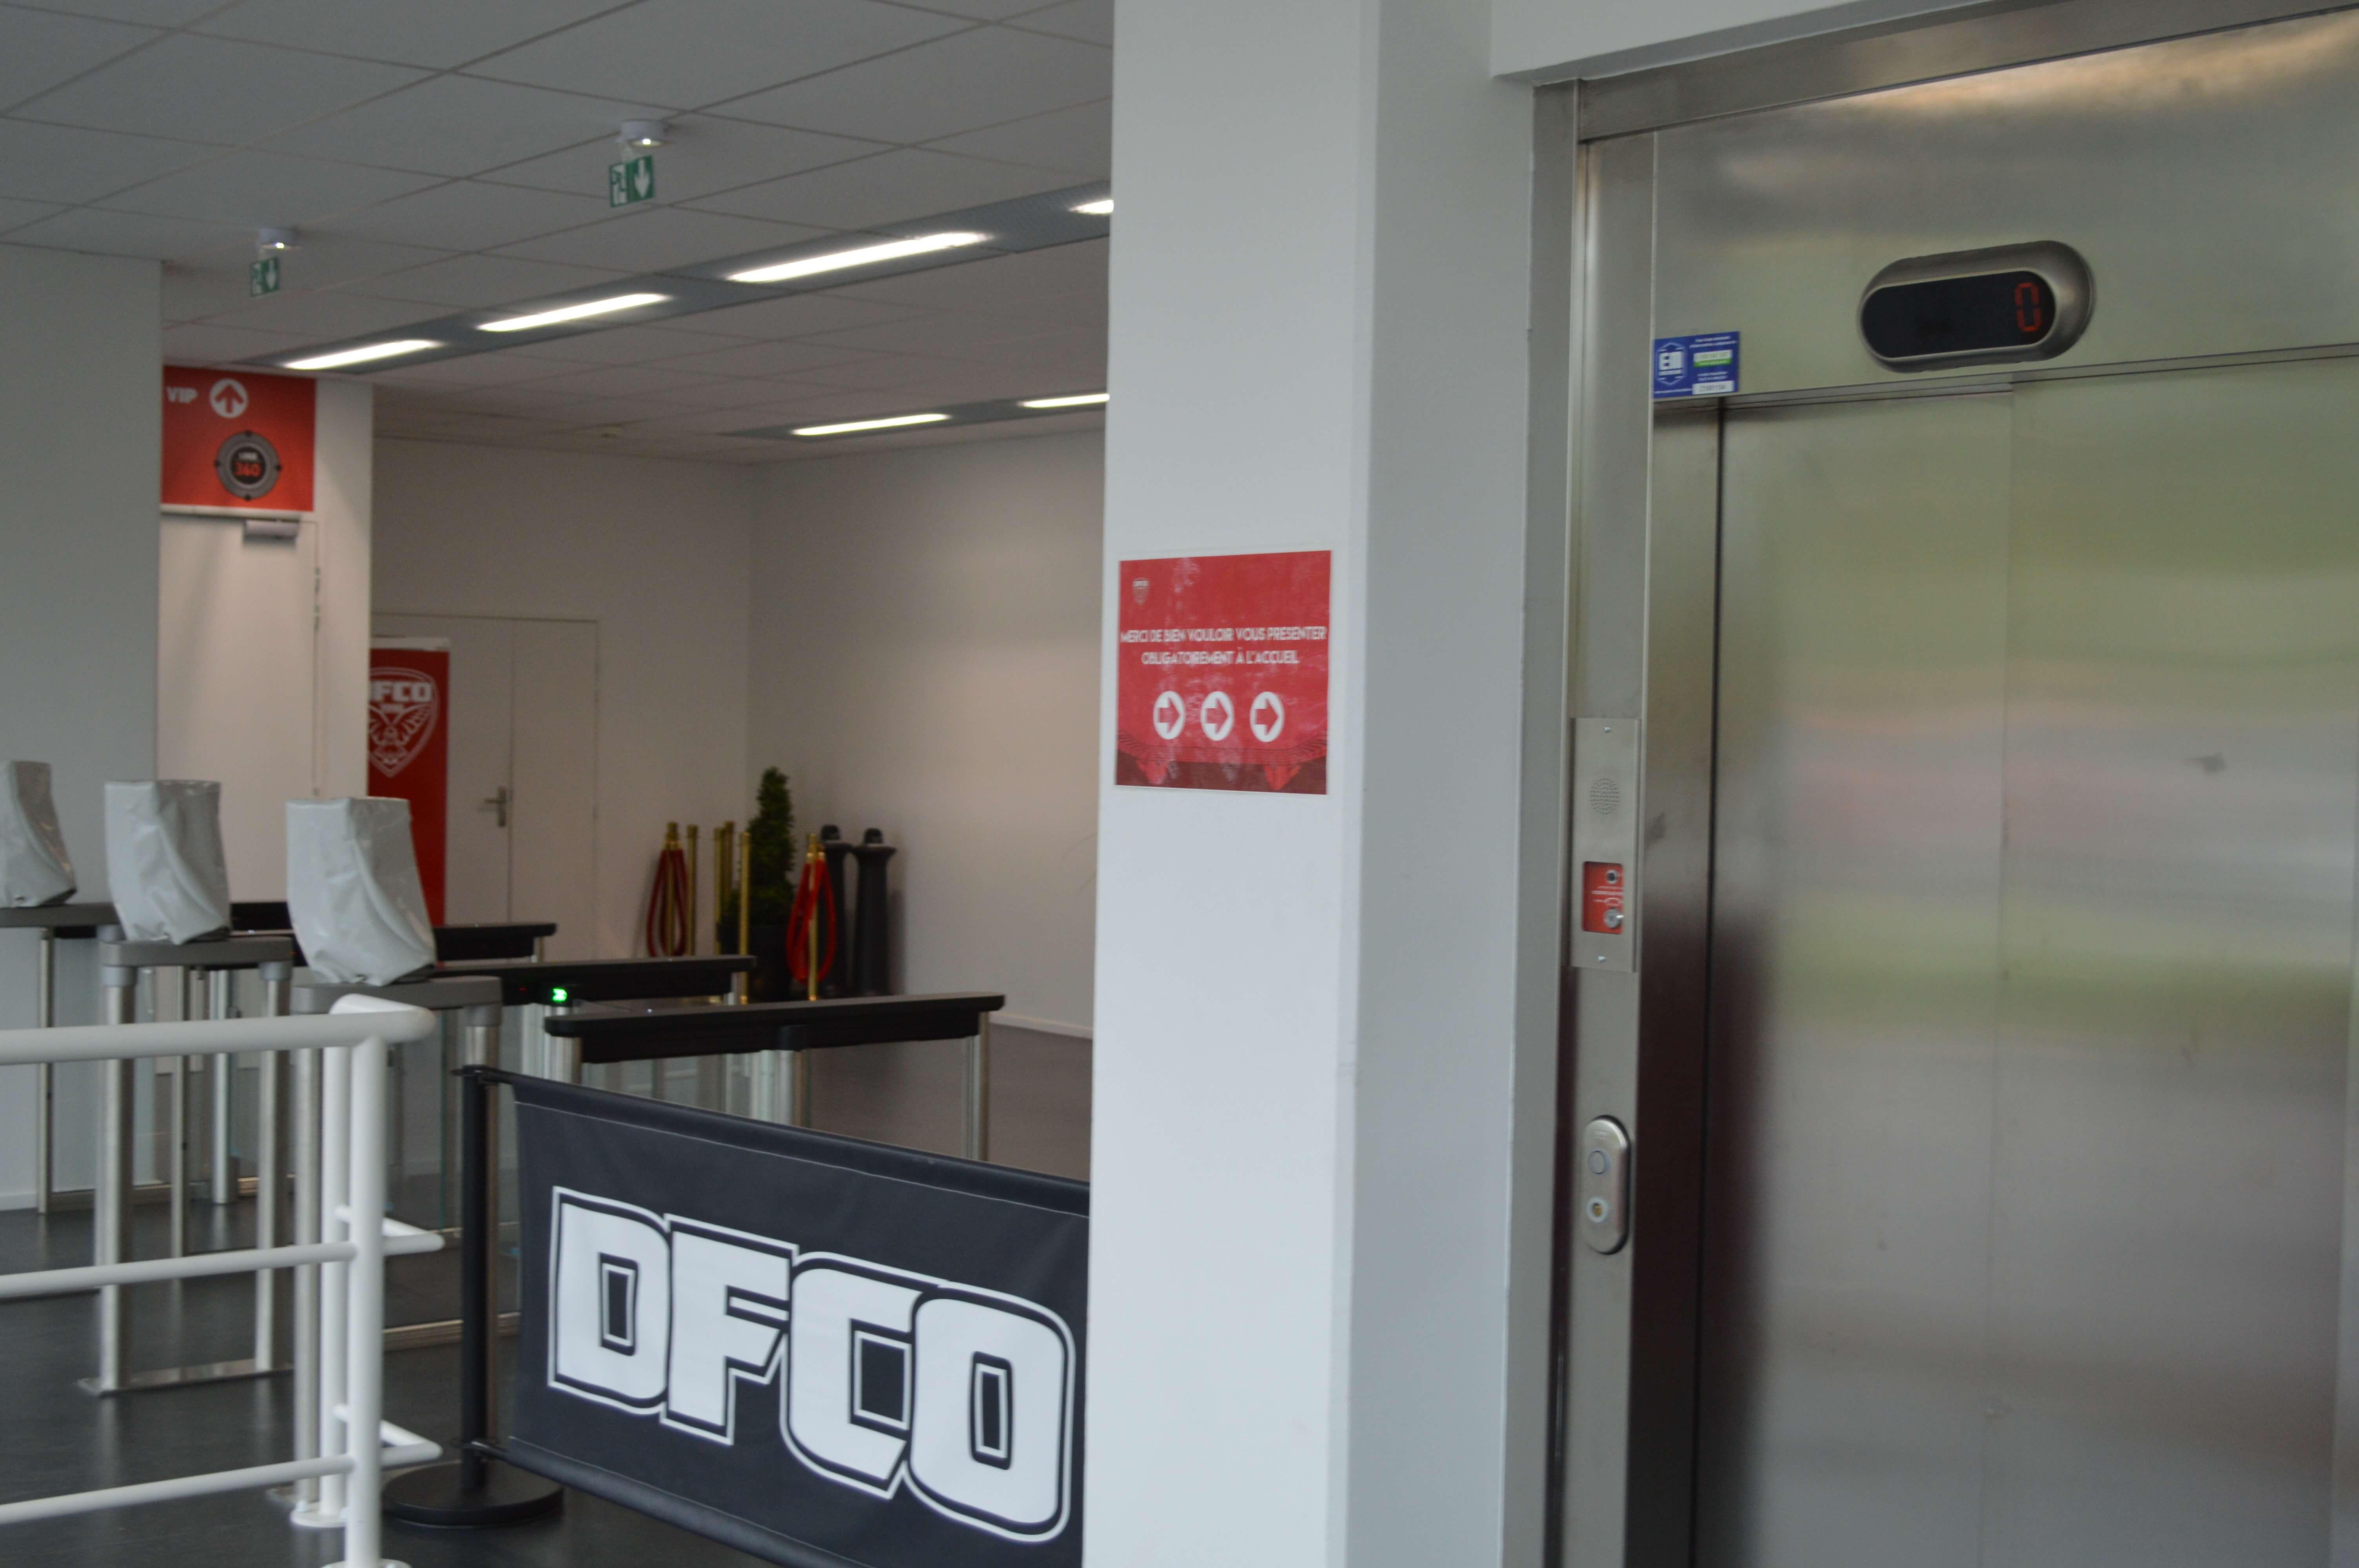 Maintenance ascenseur officiel DFCO